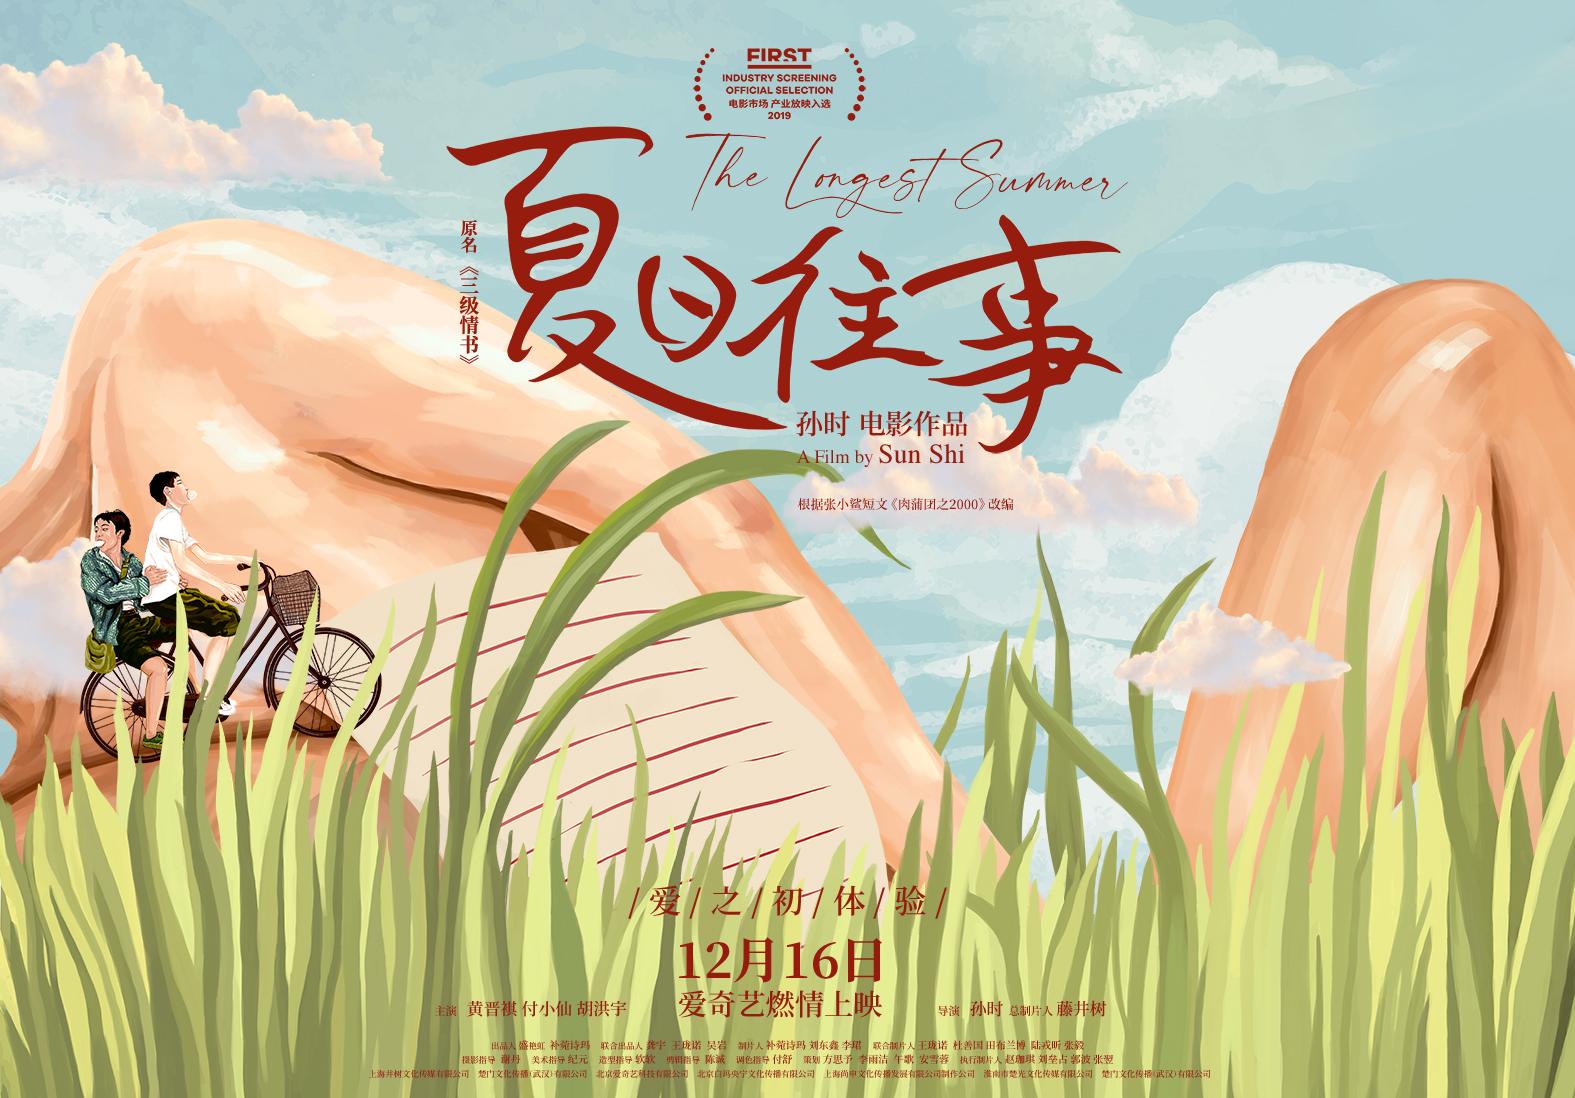 电影《夏日往事》海报设计